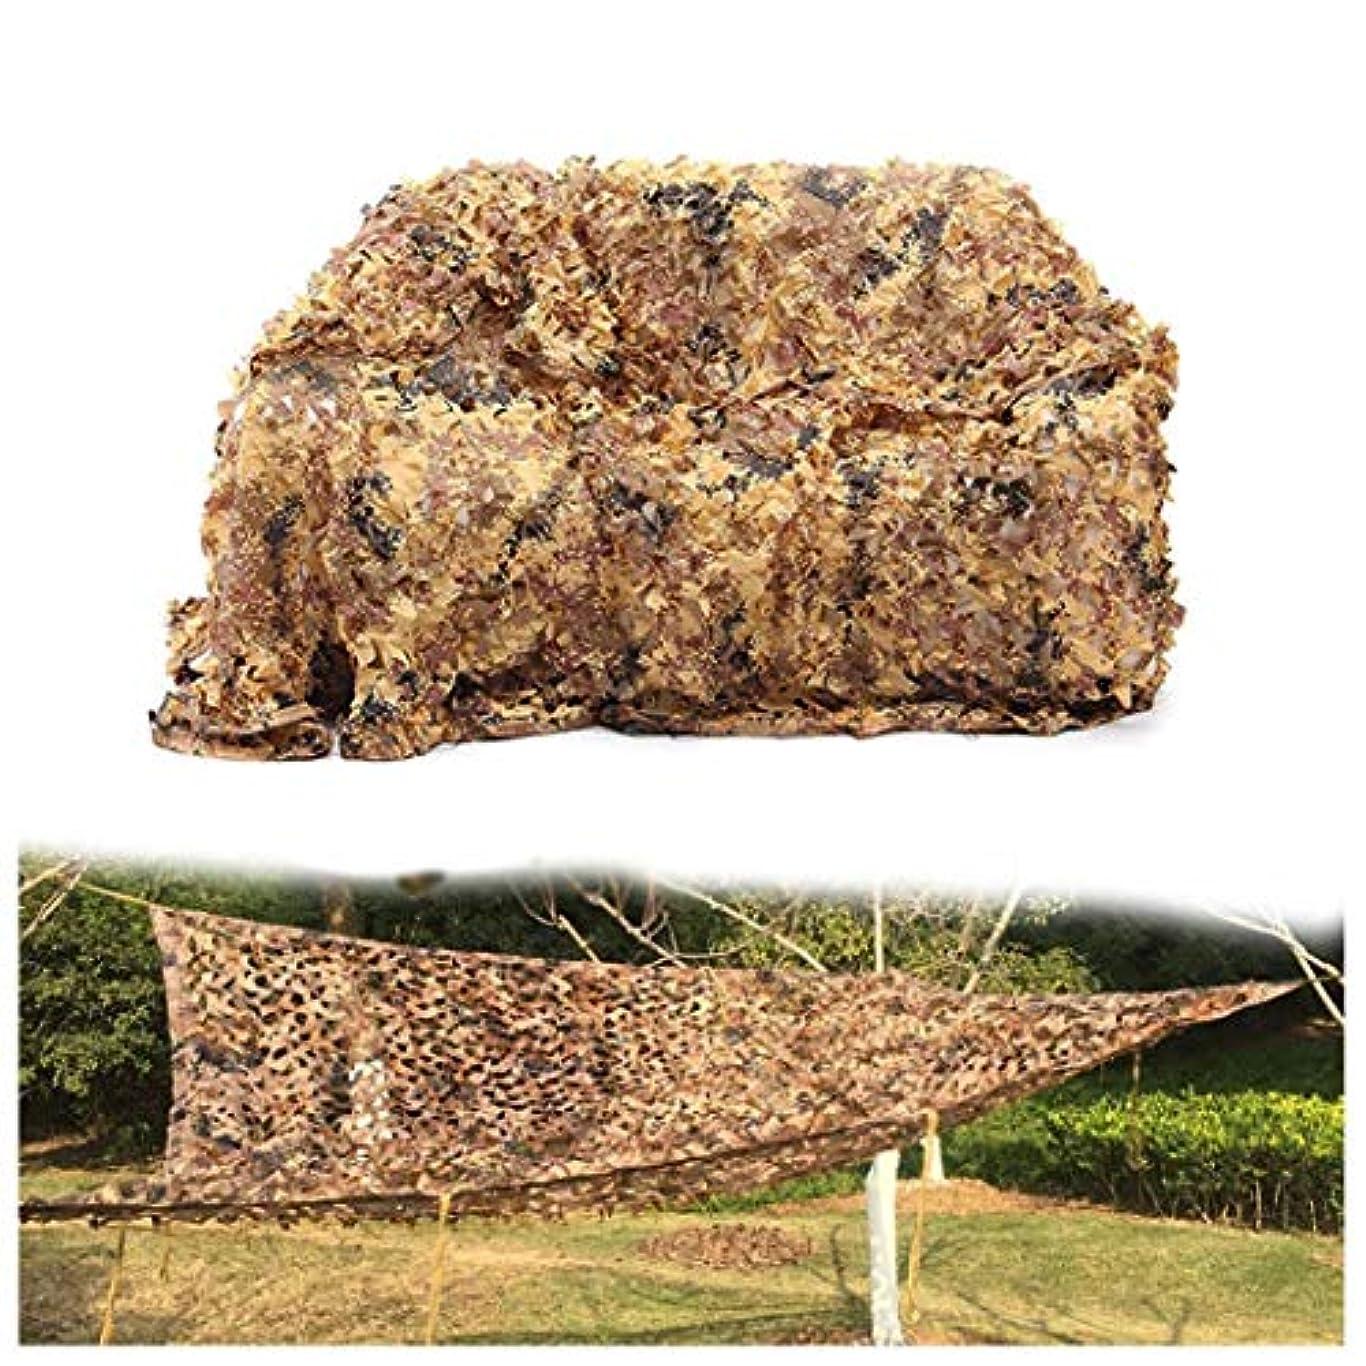 呼び起こす考古学的なビット迷彩ネットシェードネット 屋外の迷彩カモフラージュネット ジャングルキャンプサンシェードカモフラージュネット ダブルラインの強化ネットのパーソナリティ装飾ネット 屋外キャンプ用 2x3mマルチサイズオプション2x3m 3x5m 10m 12m (サイズ さいず : 4*4M(13.1*13.1ft))